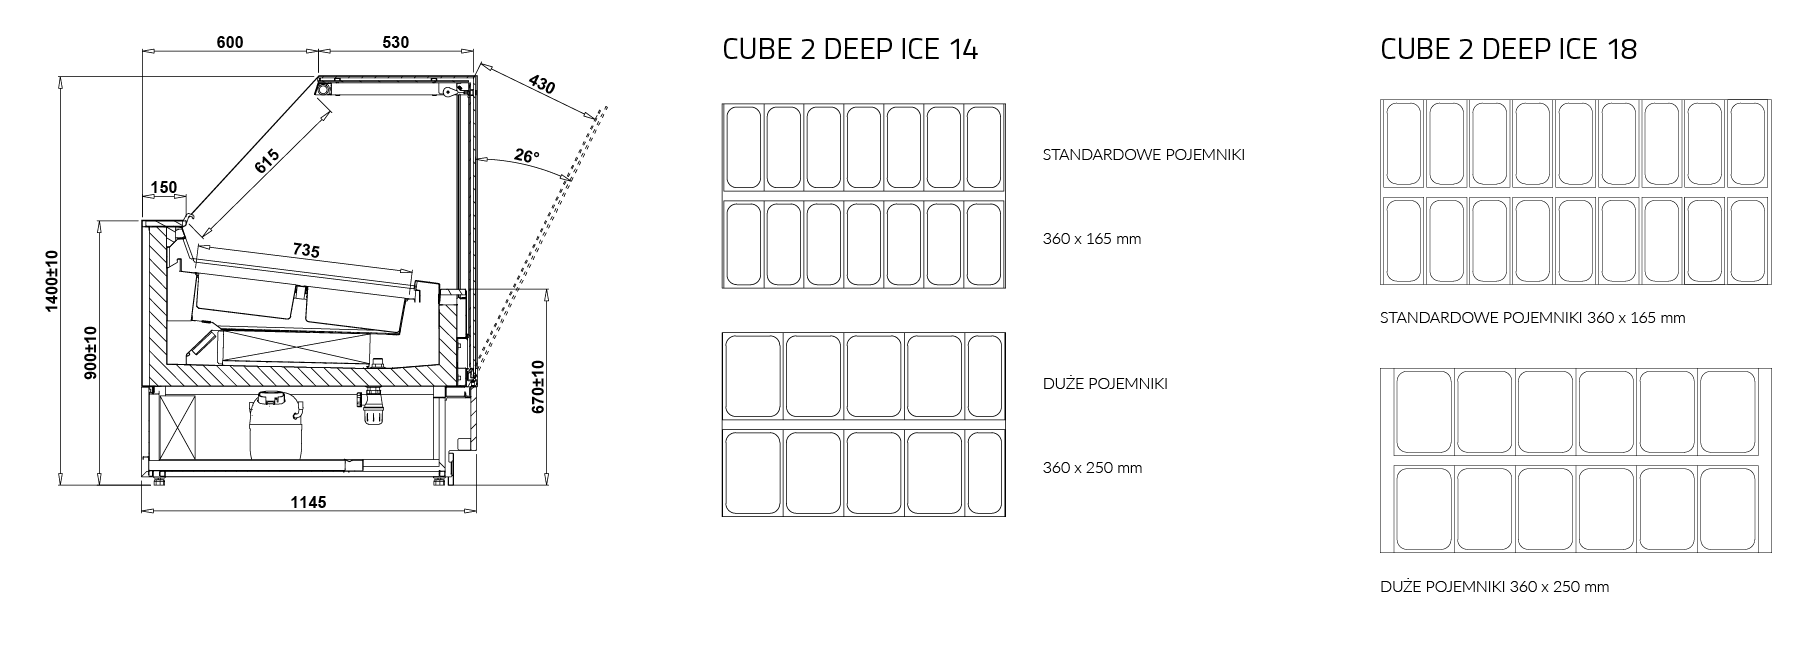 Technische Bezeichnung Eistheken CUBE 2 DEEP ICE